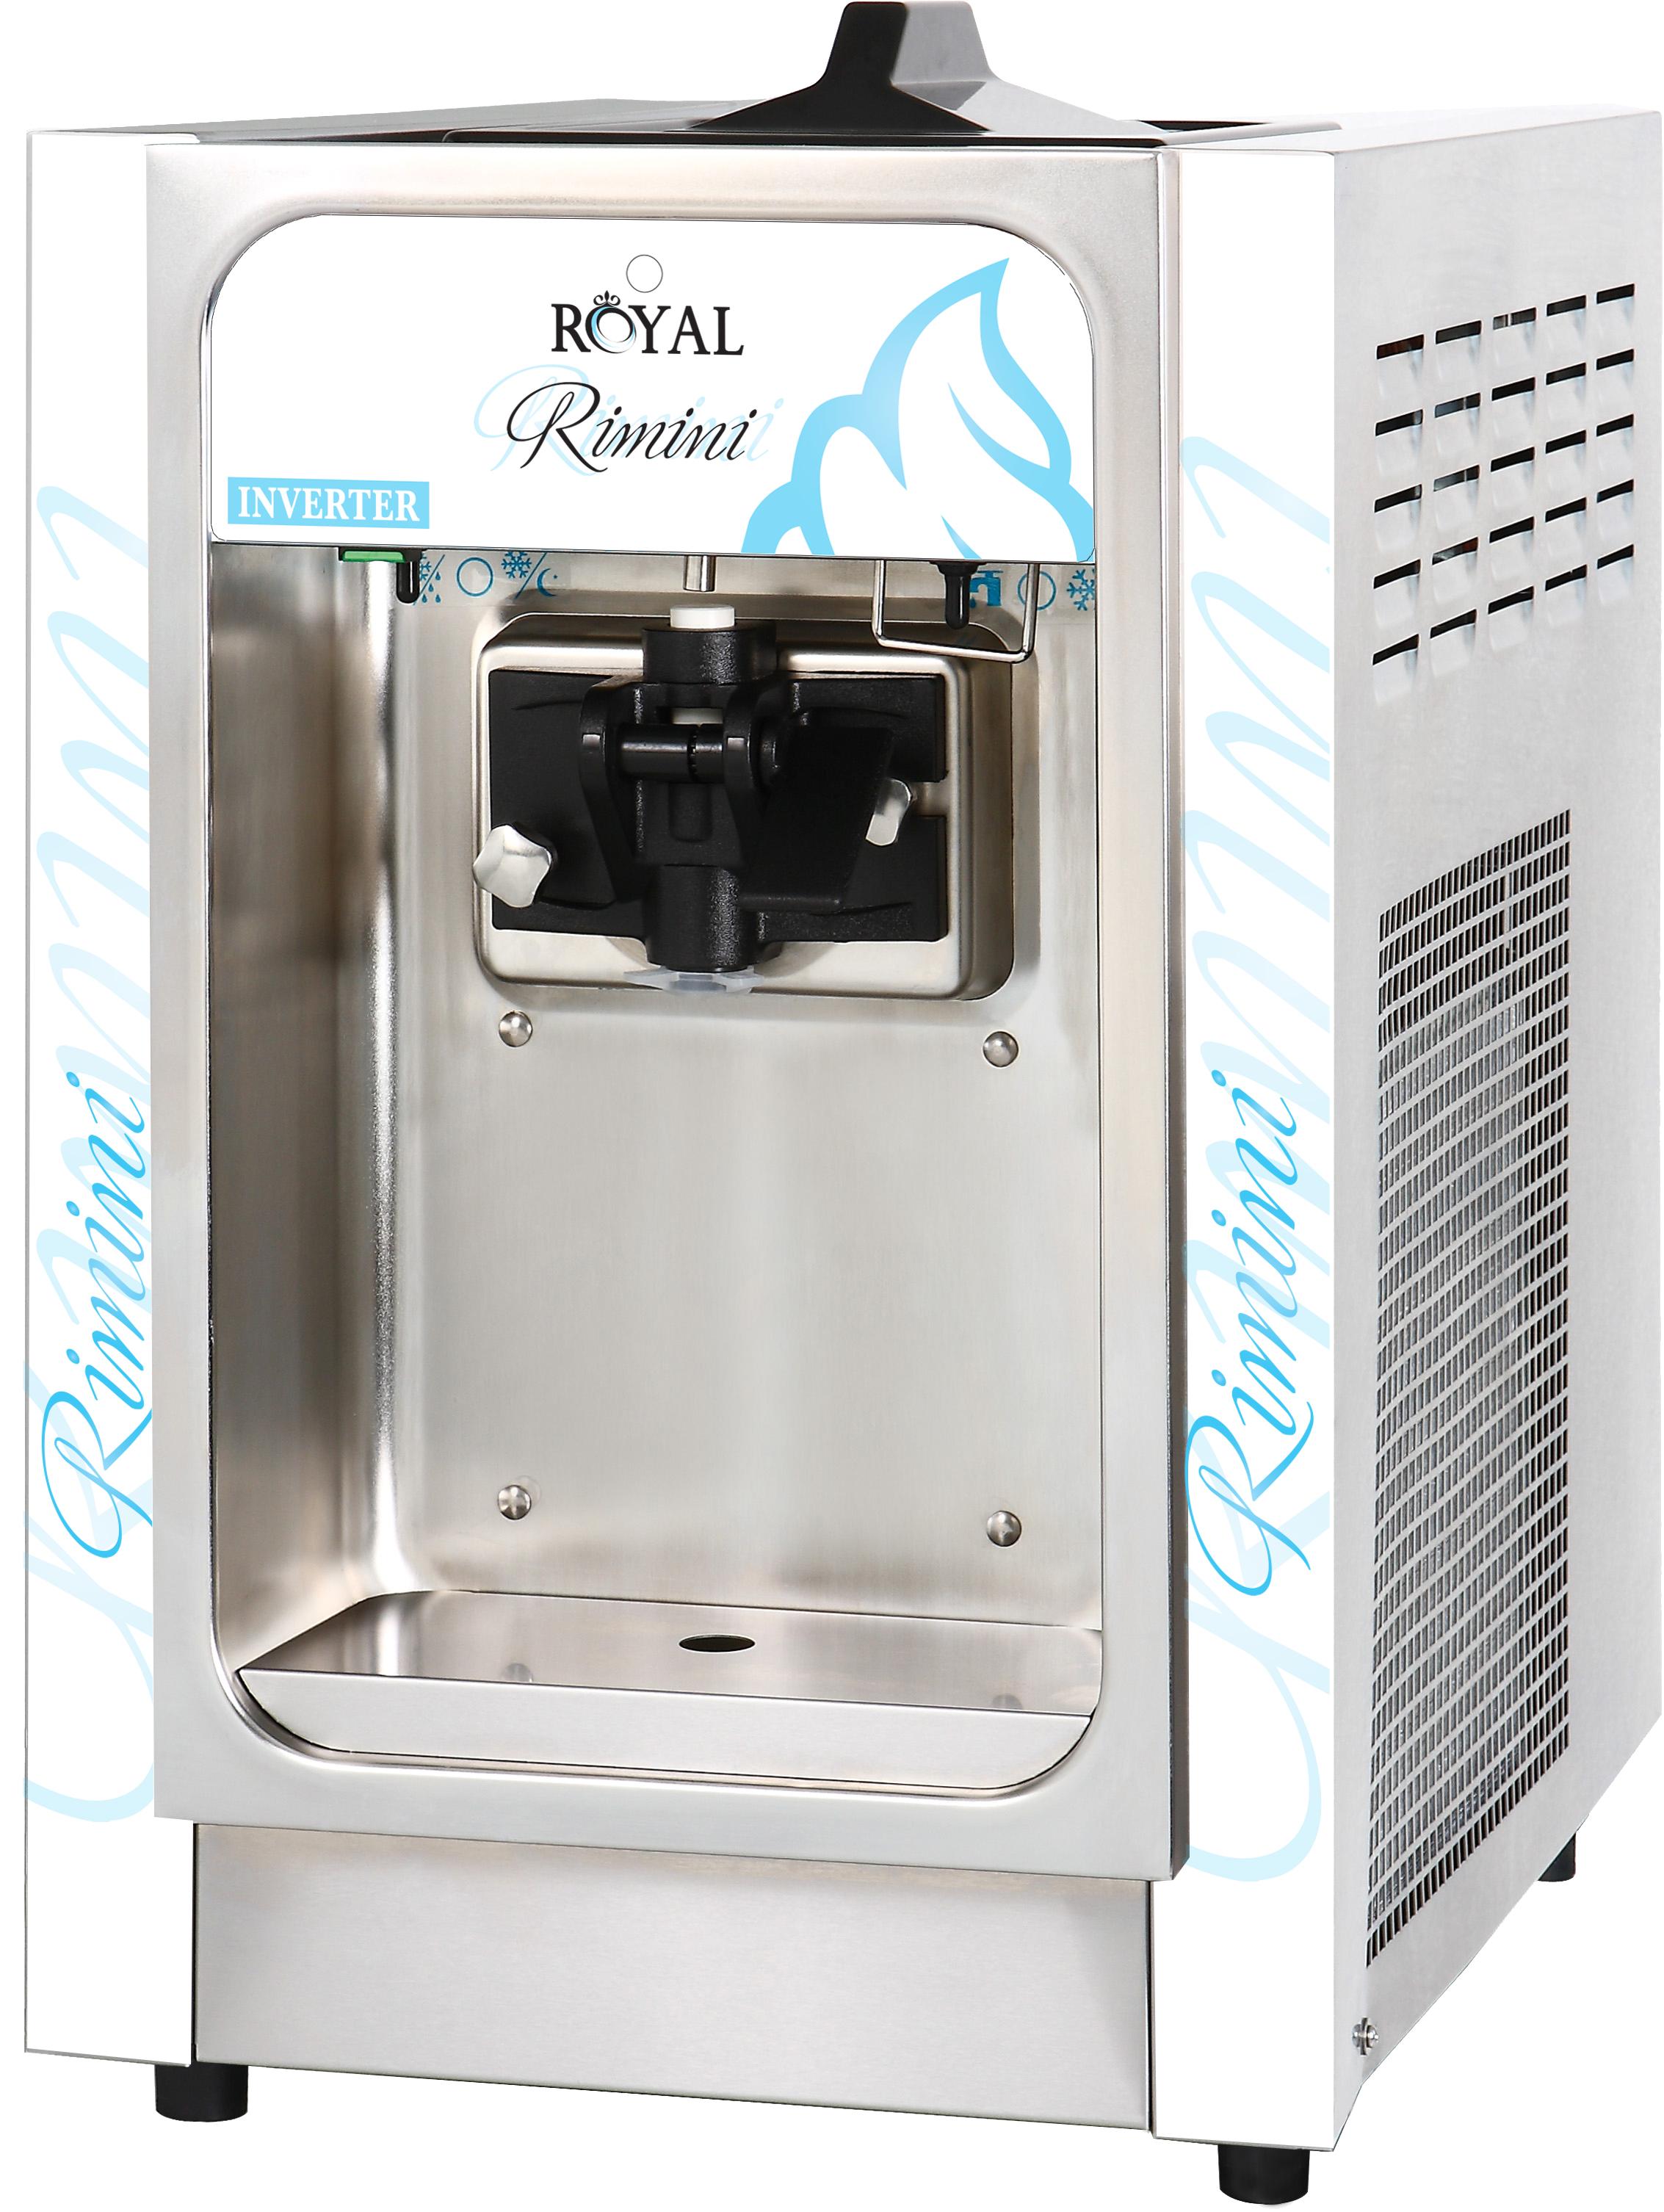 מבריק מכונת גלידה אמריקאית דלפקית RIMINI - IceRoyal JI-56